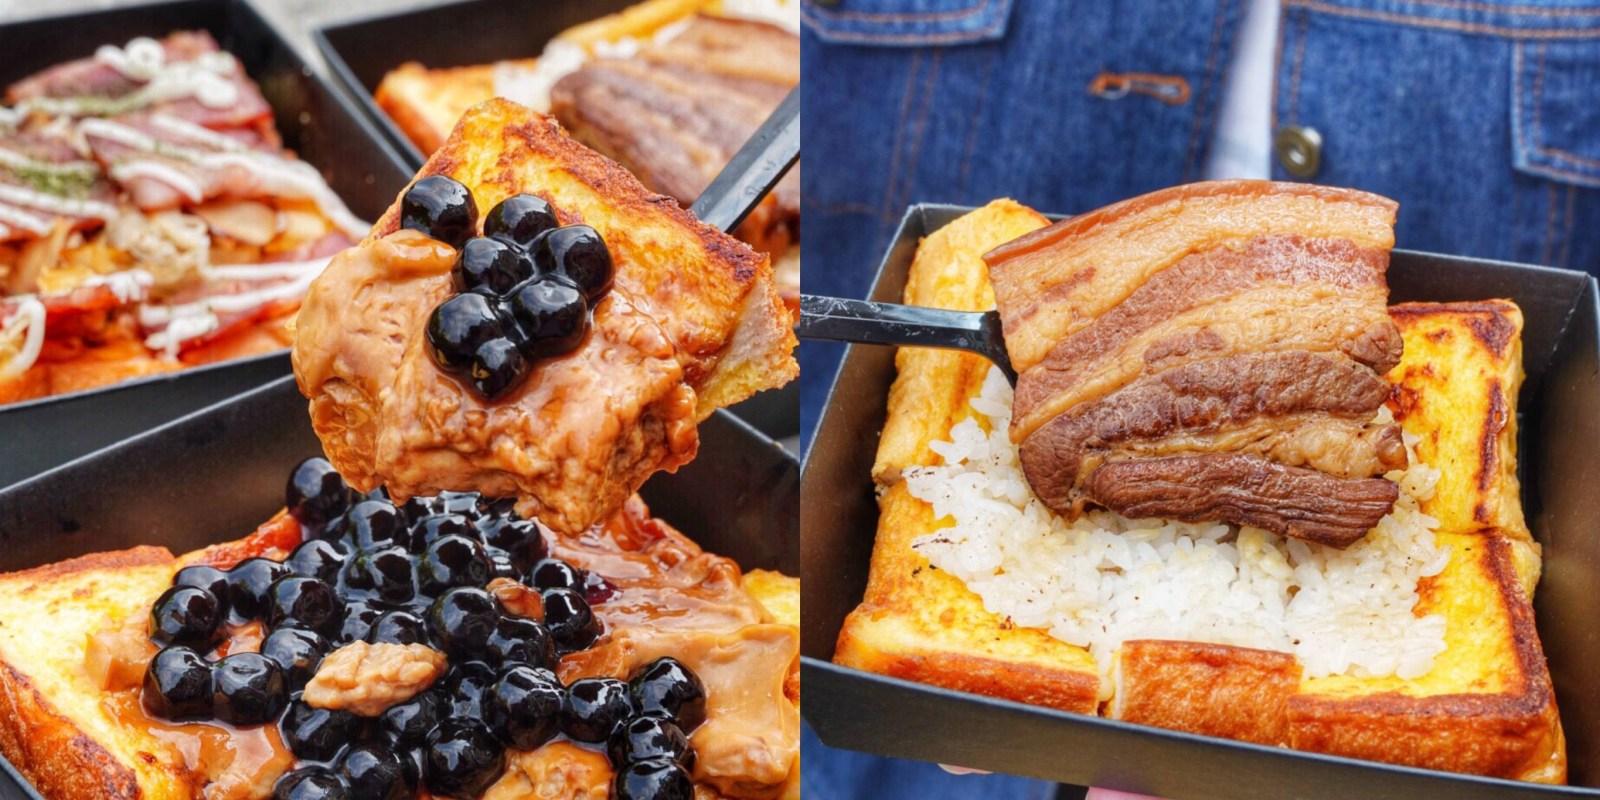 嘉義新店【FaFa Toast法法吐司】必吃療癒系黑糖珍奶!竟然還有台式扣肉口味?嘉義下午茶新選擇